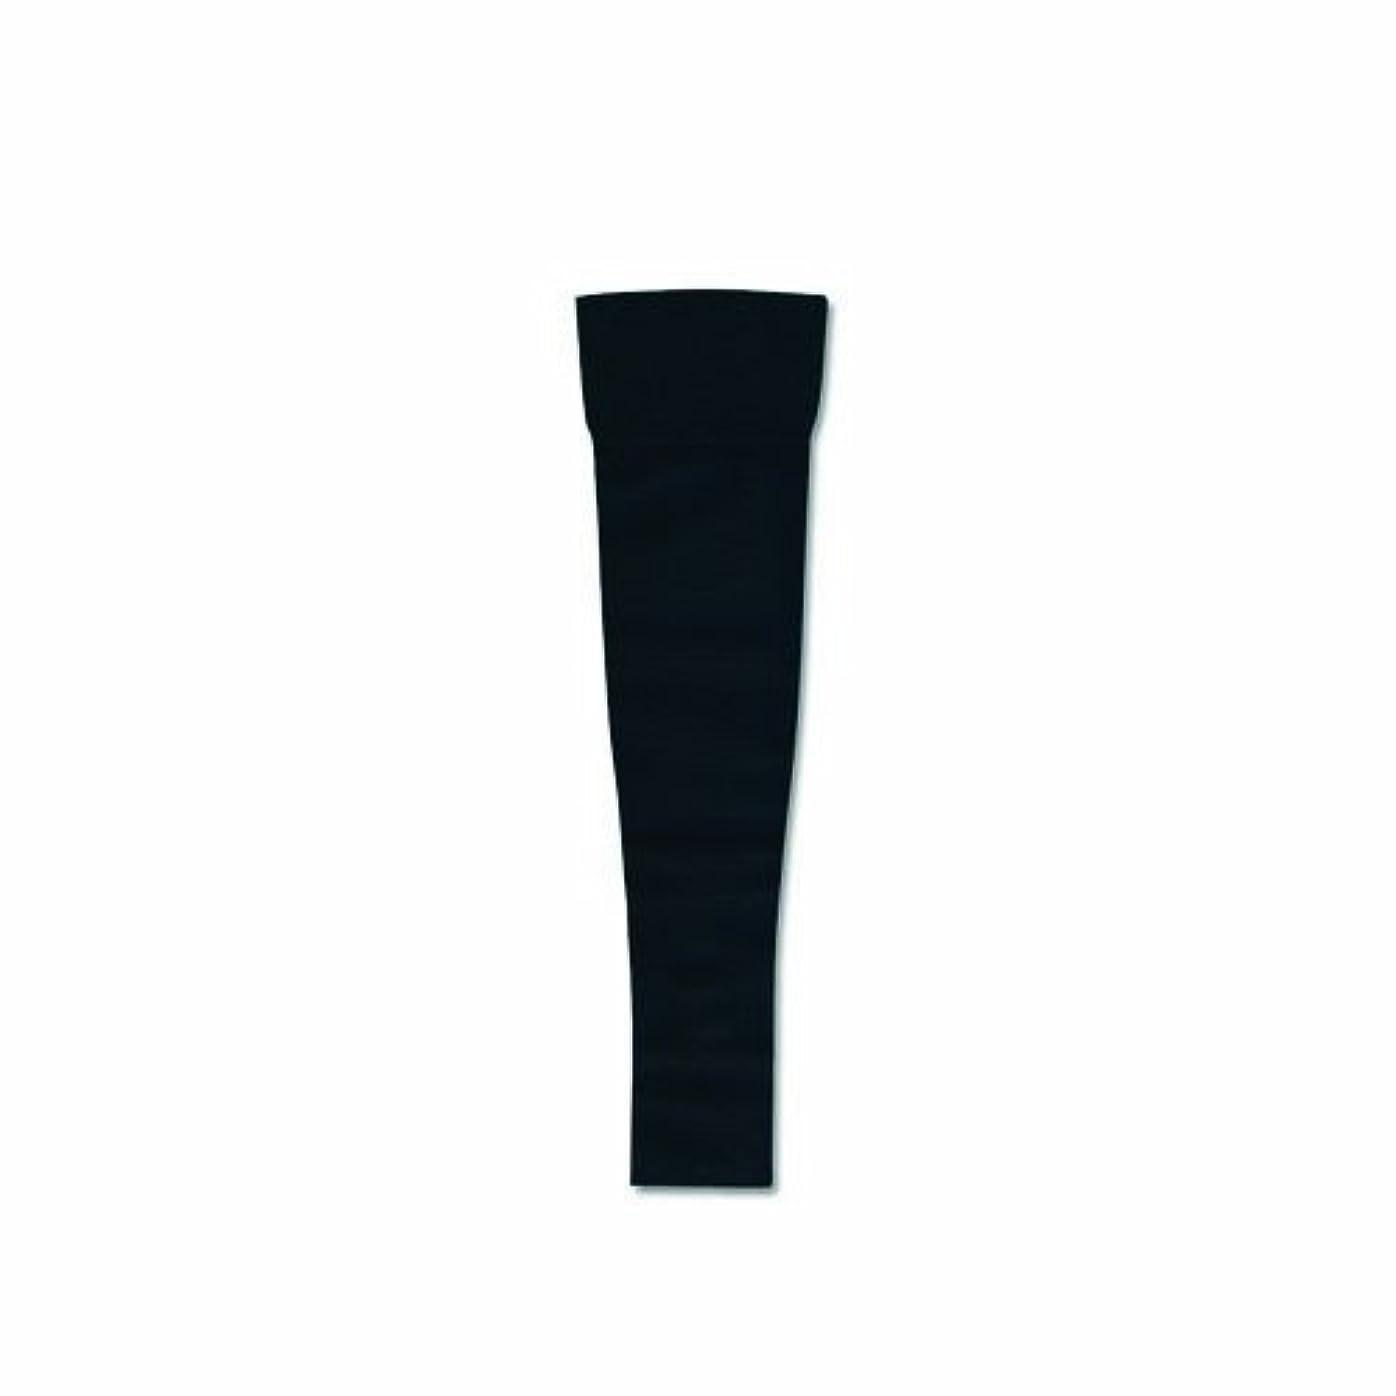 運動白雪姫申請中リンパディーバ アームスリーブ(ミトンなし) Mサイズ オニキスブラック色 圧迫力27-40Hpa(20-30mmHg)